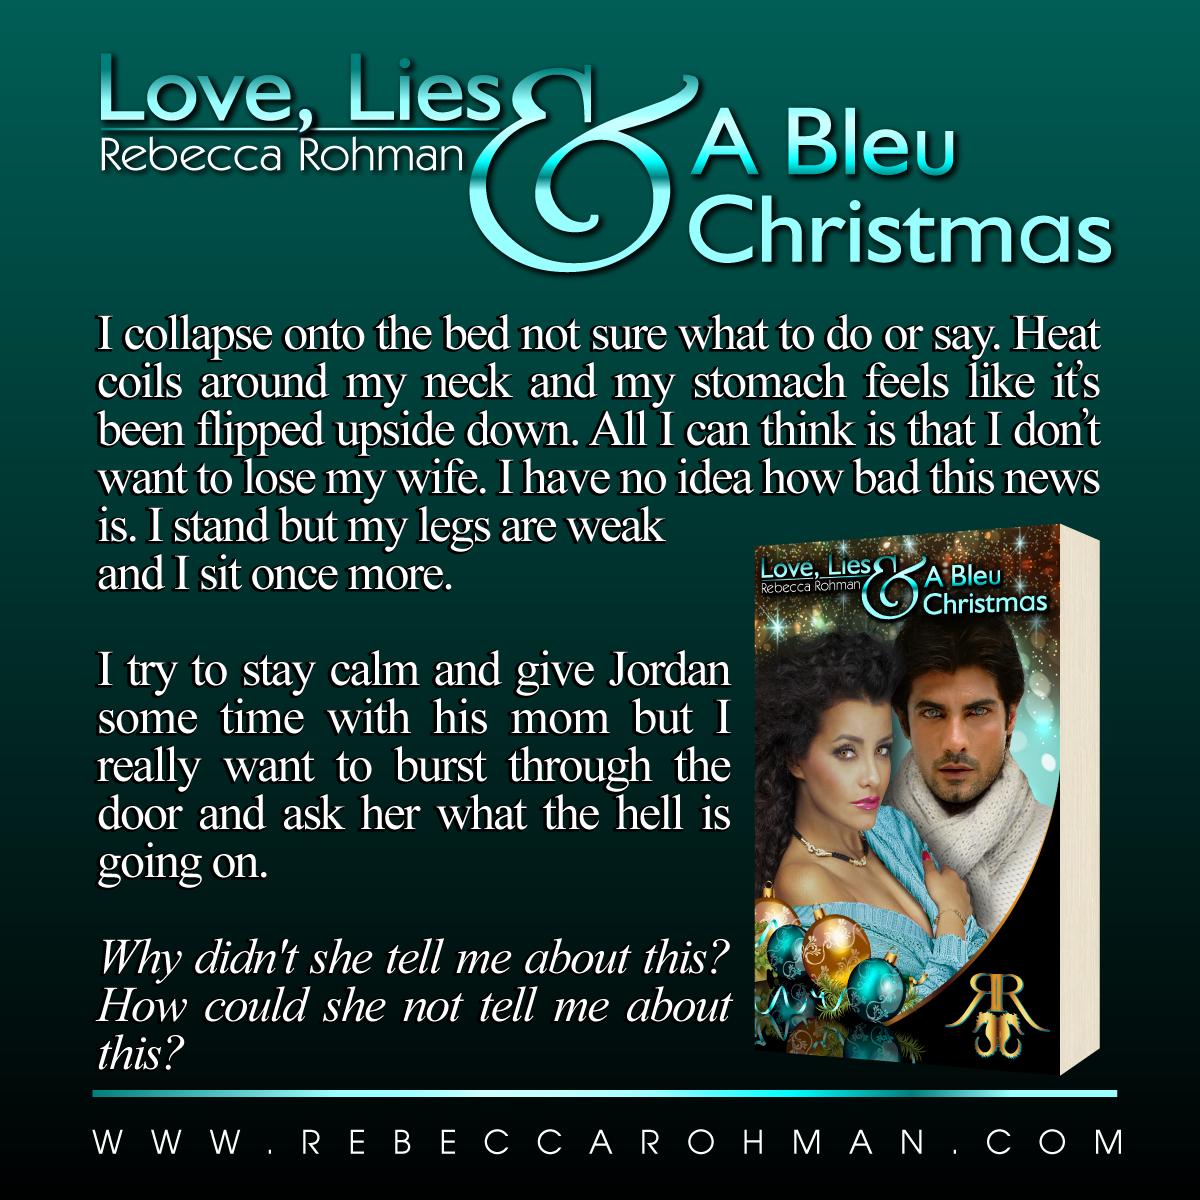 Love-Lies-&-A-Bleu-ChristT4.png